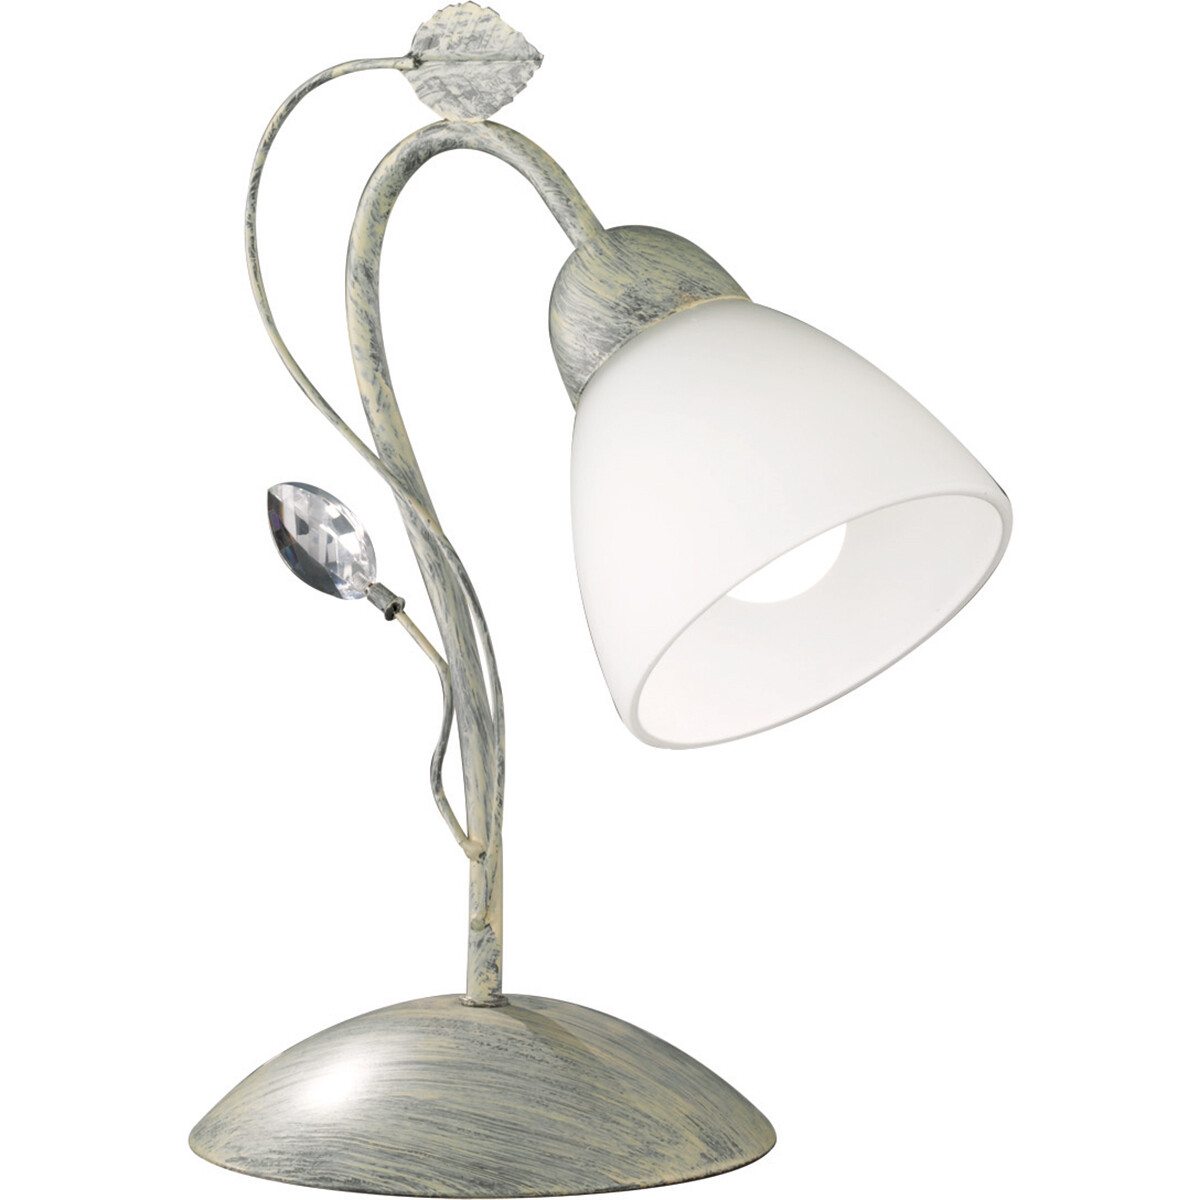 LED Tafellamp - Tafelverlichting - Trion Trada - E14 Fitting - Rond - Antiek Grijs - Aluminium